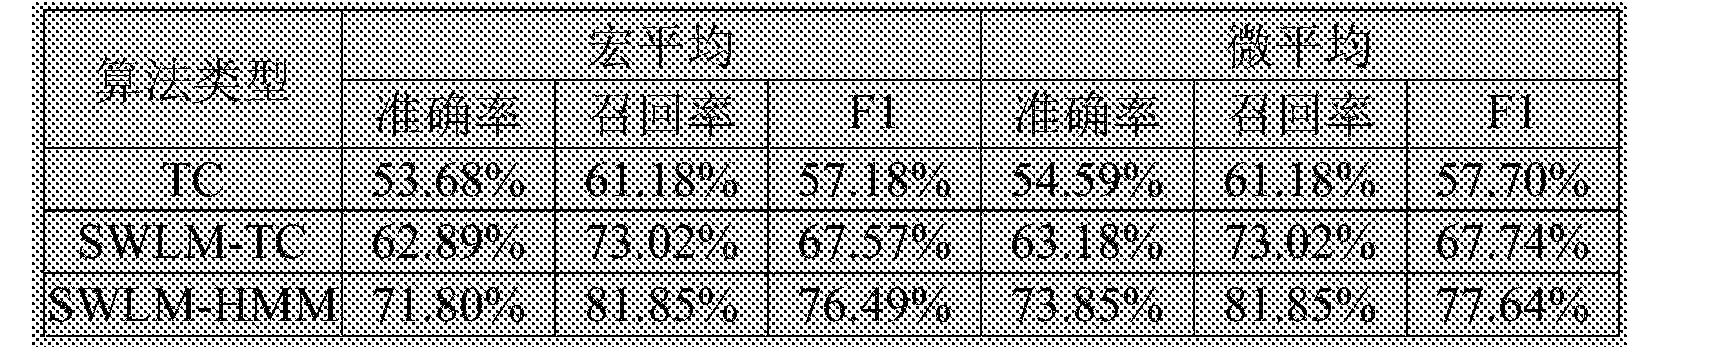 Figure CN106547866BD00144